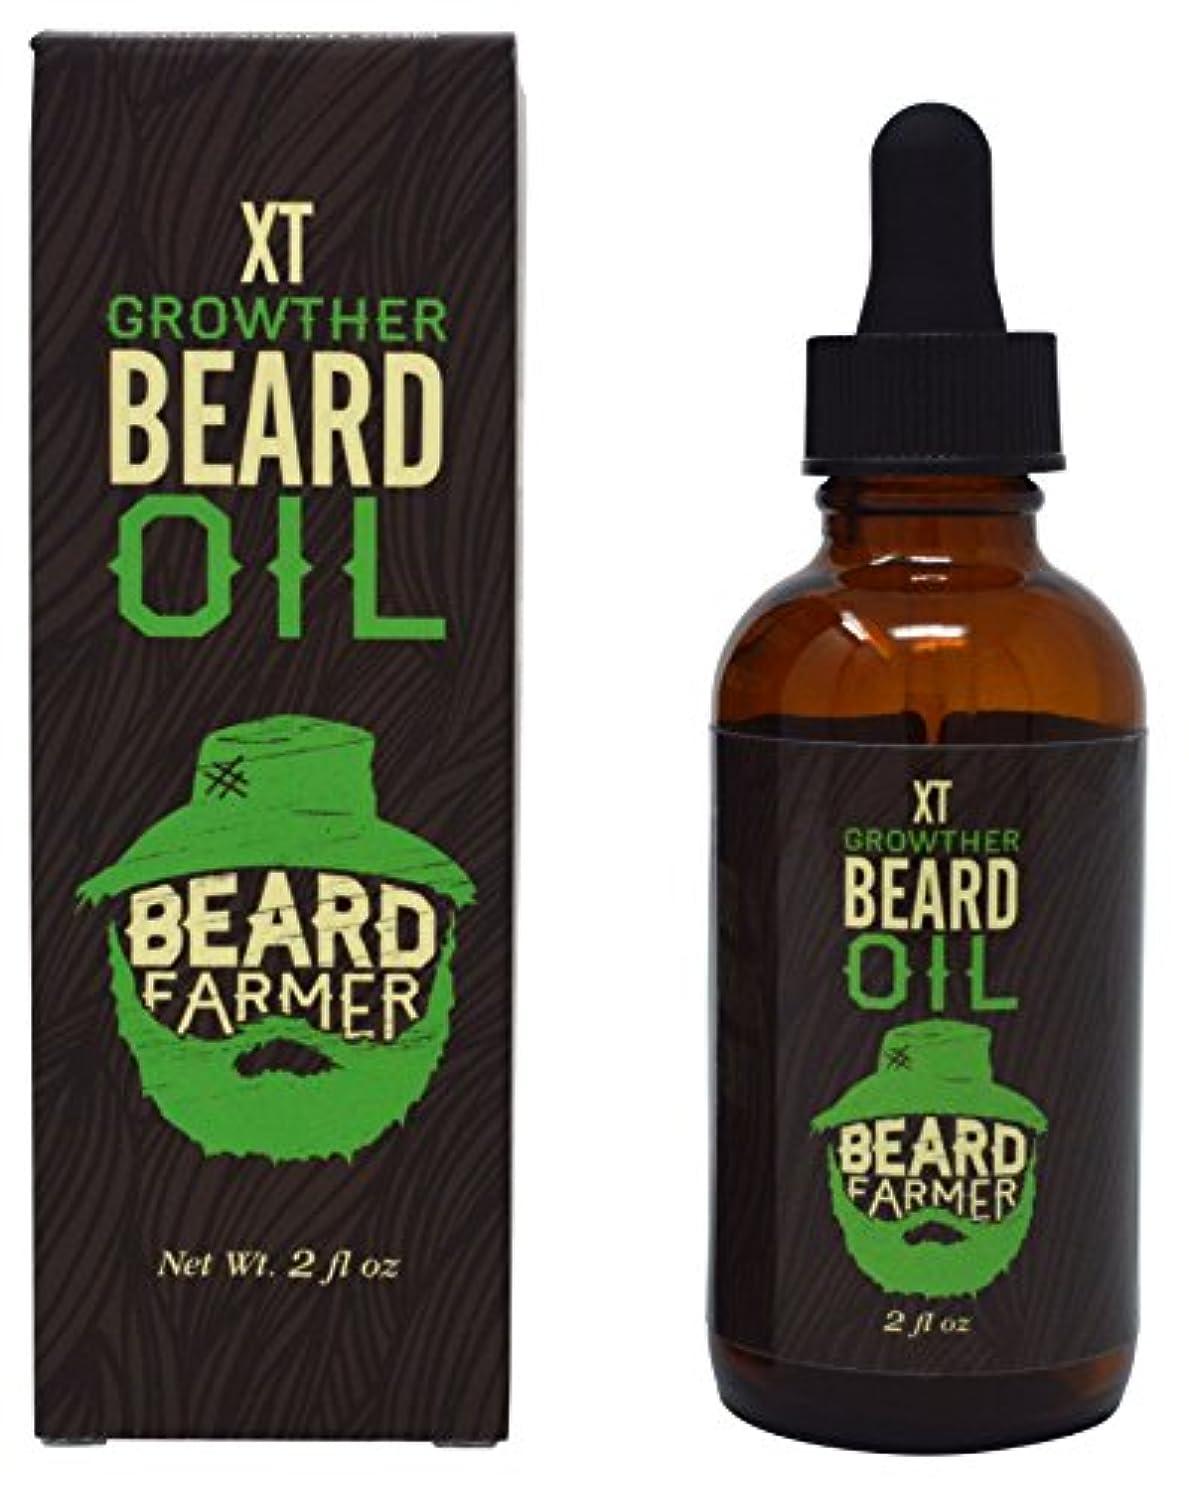 ハイキングに行く許可行商人Beard Farmer - Growther XT Beard Oil (Extra Fast Beard Growth) All Natural Beard Growth Oil 2floz